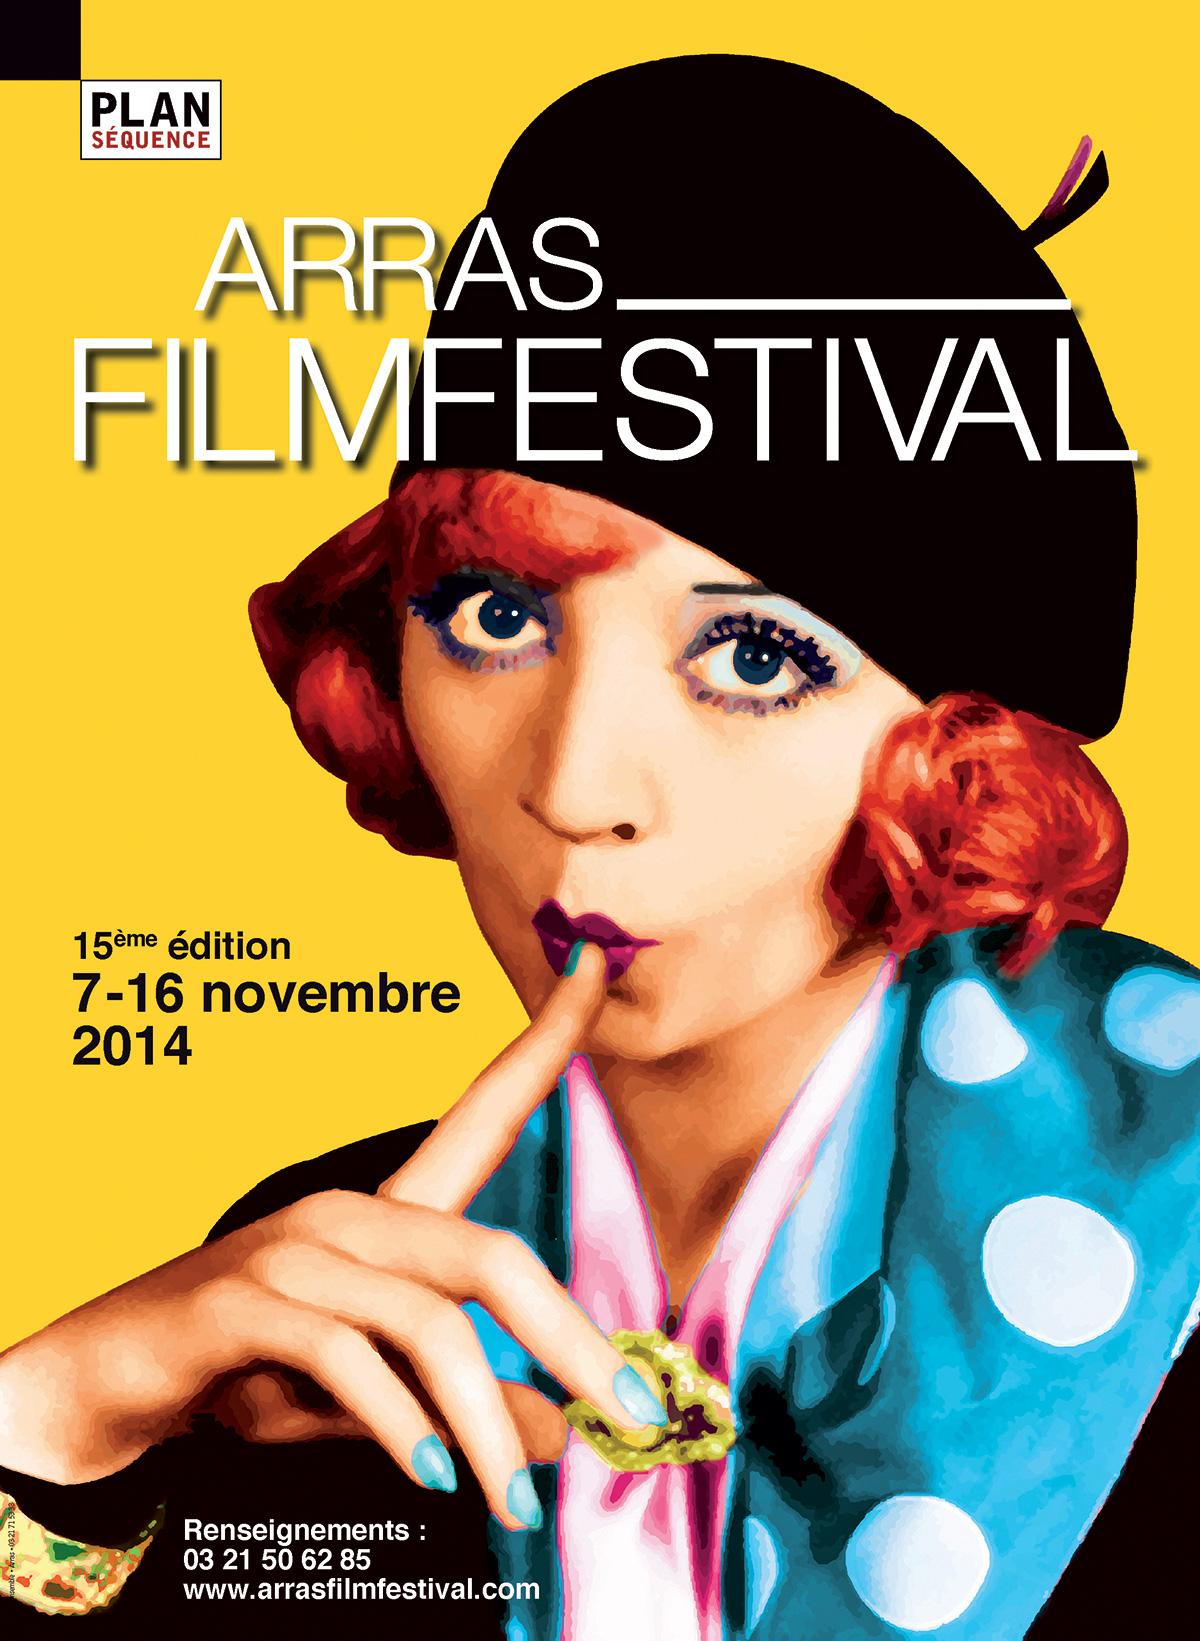 Affiche festival Arras 2014